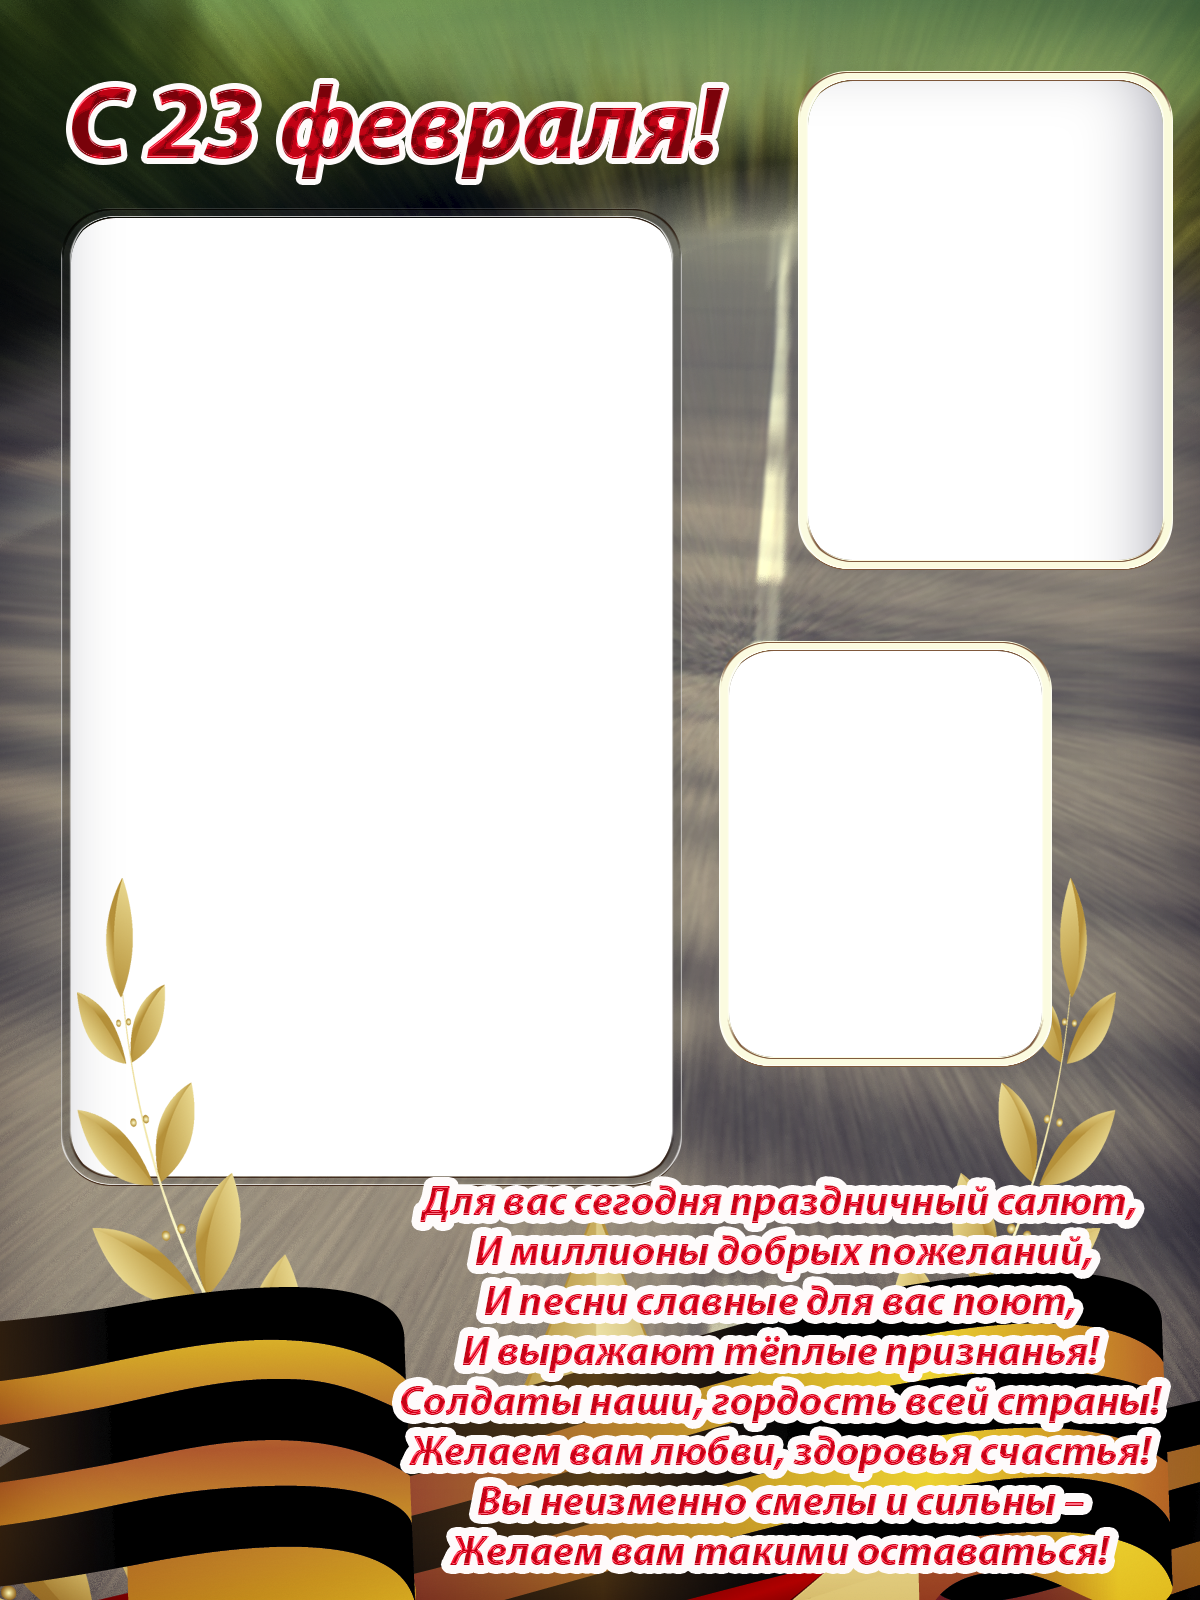 Фоторамка С 23 февраля Фоторамка для фотошопа, PNG шаблон. Для вас сегодня праздничный салют, и миллионы пожеланий